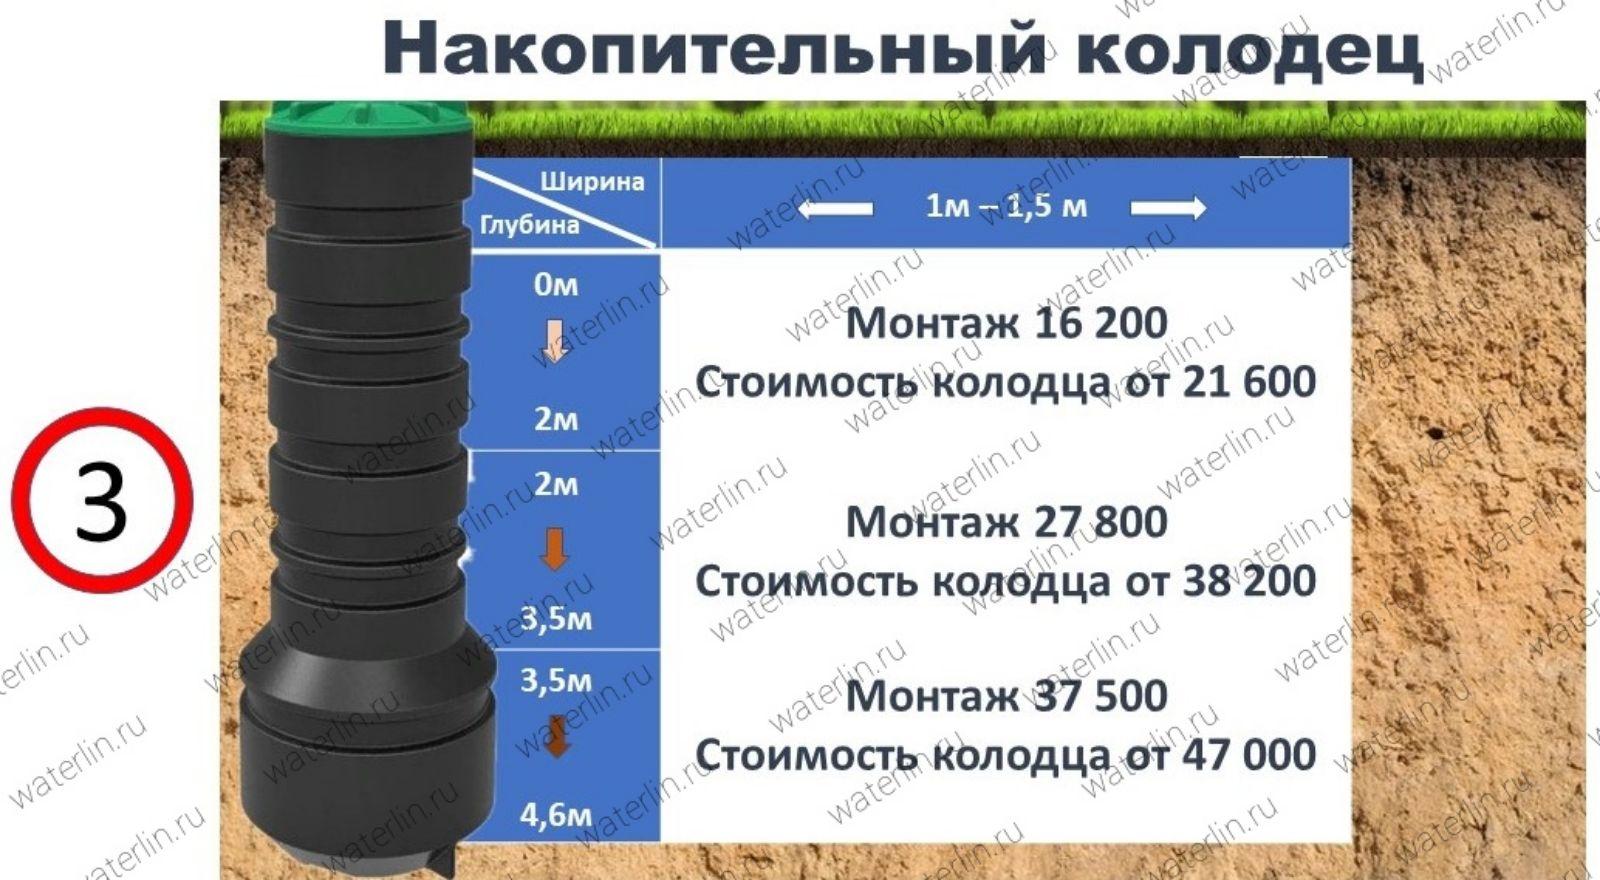 Правила монтажа колодцев для дренажной системы